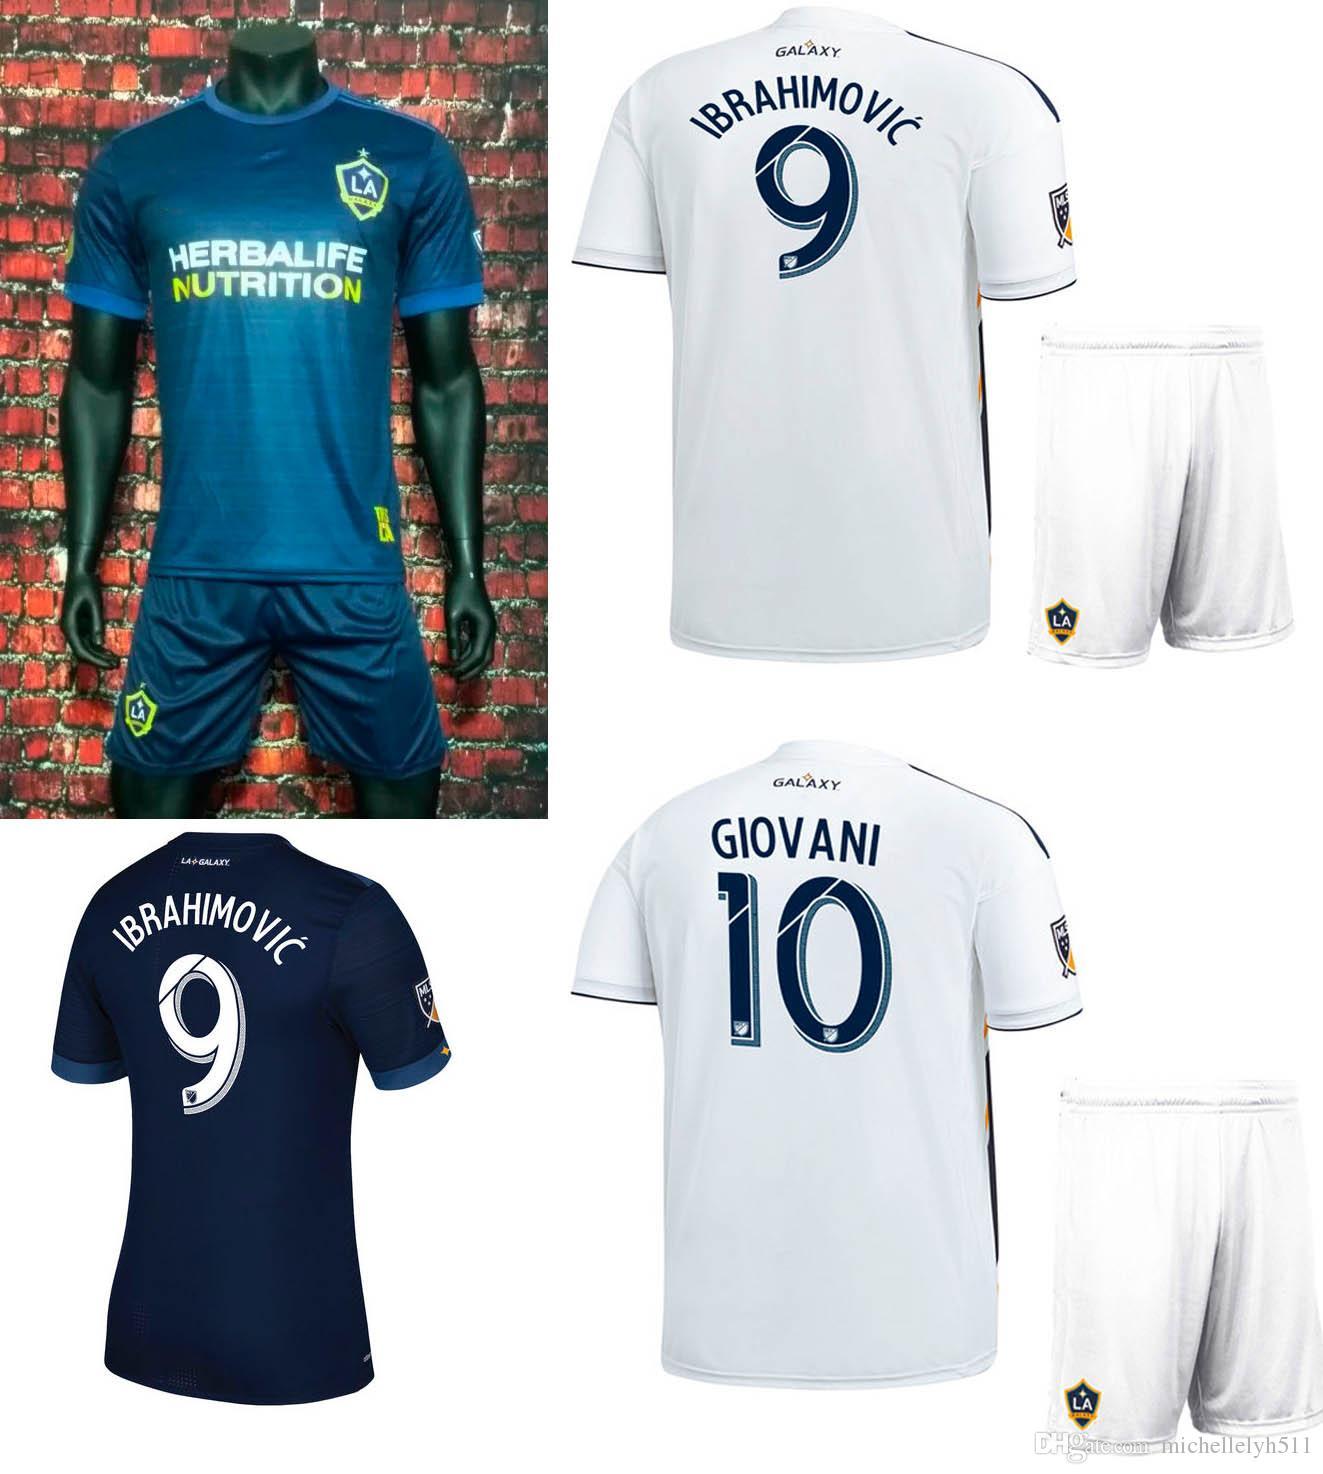 Compre 2018 LA Galaxy Camisa De Futebol Shorts 18 19 Ibrahimovic GIOVANI  Camisas De Futebol 17 18 Los Angeles Galaxy Fora Thai Qualidade Uniformes  De ... a24b619140e81